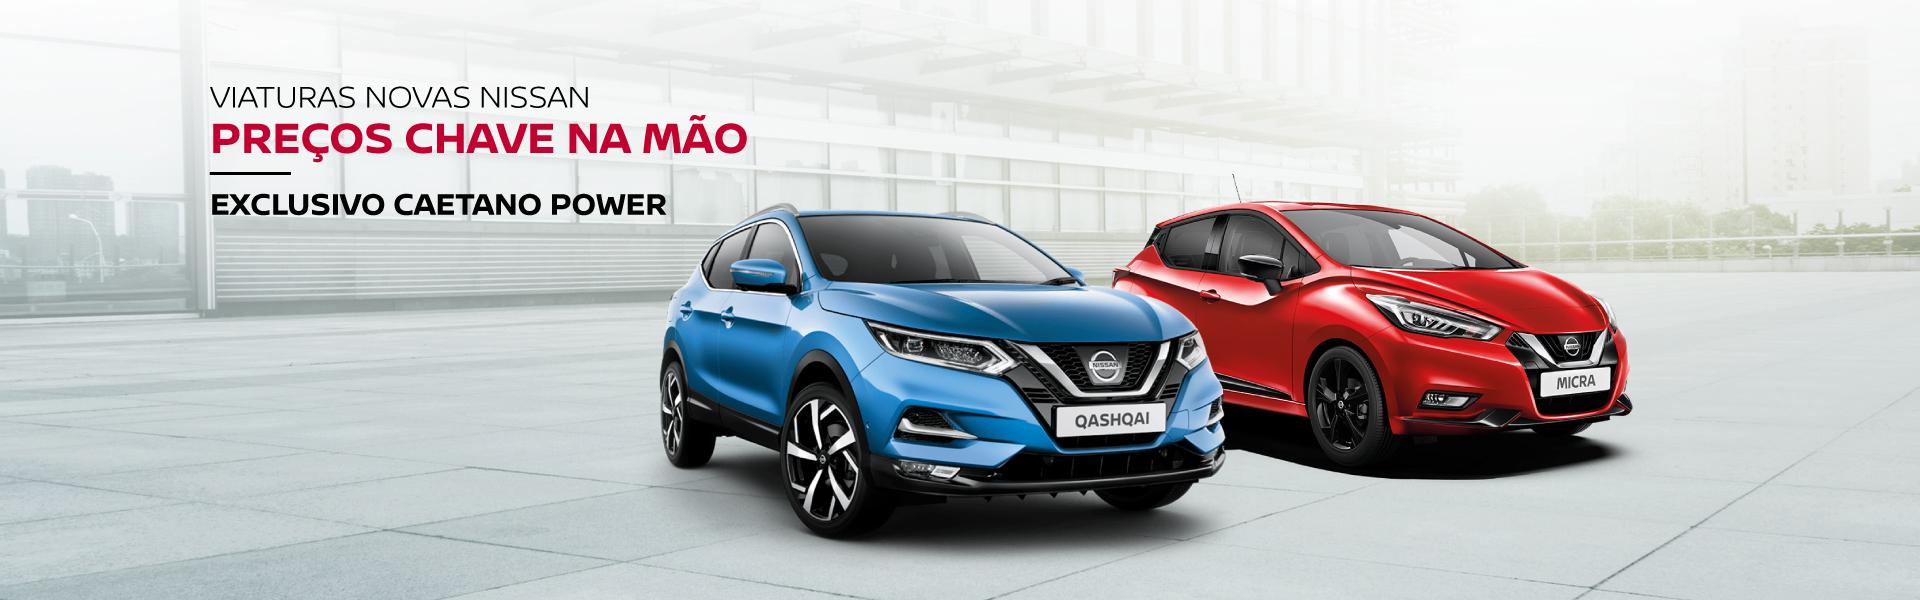 Preço Chave na Mão da Nissan